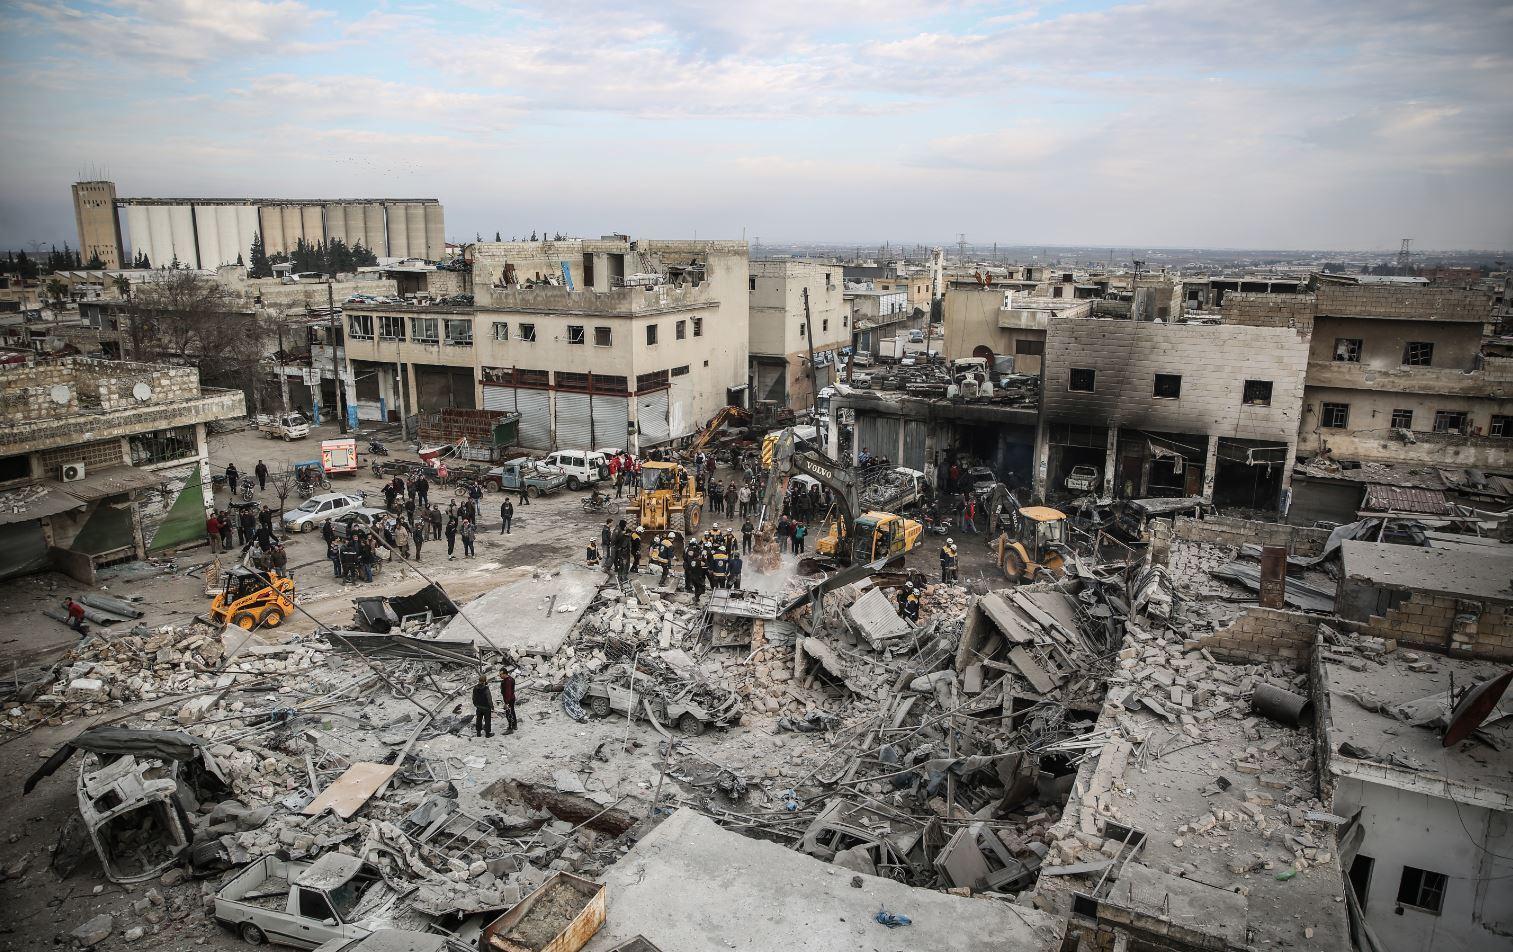 إدلب: وقف إطلاق النار لم يصمد